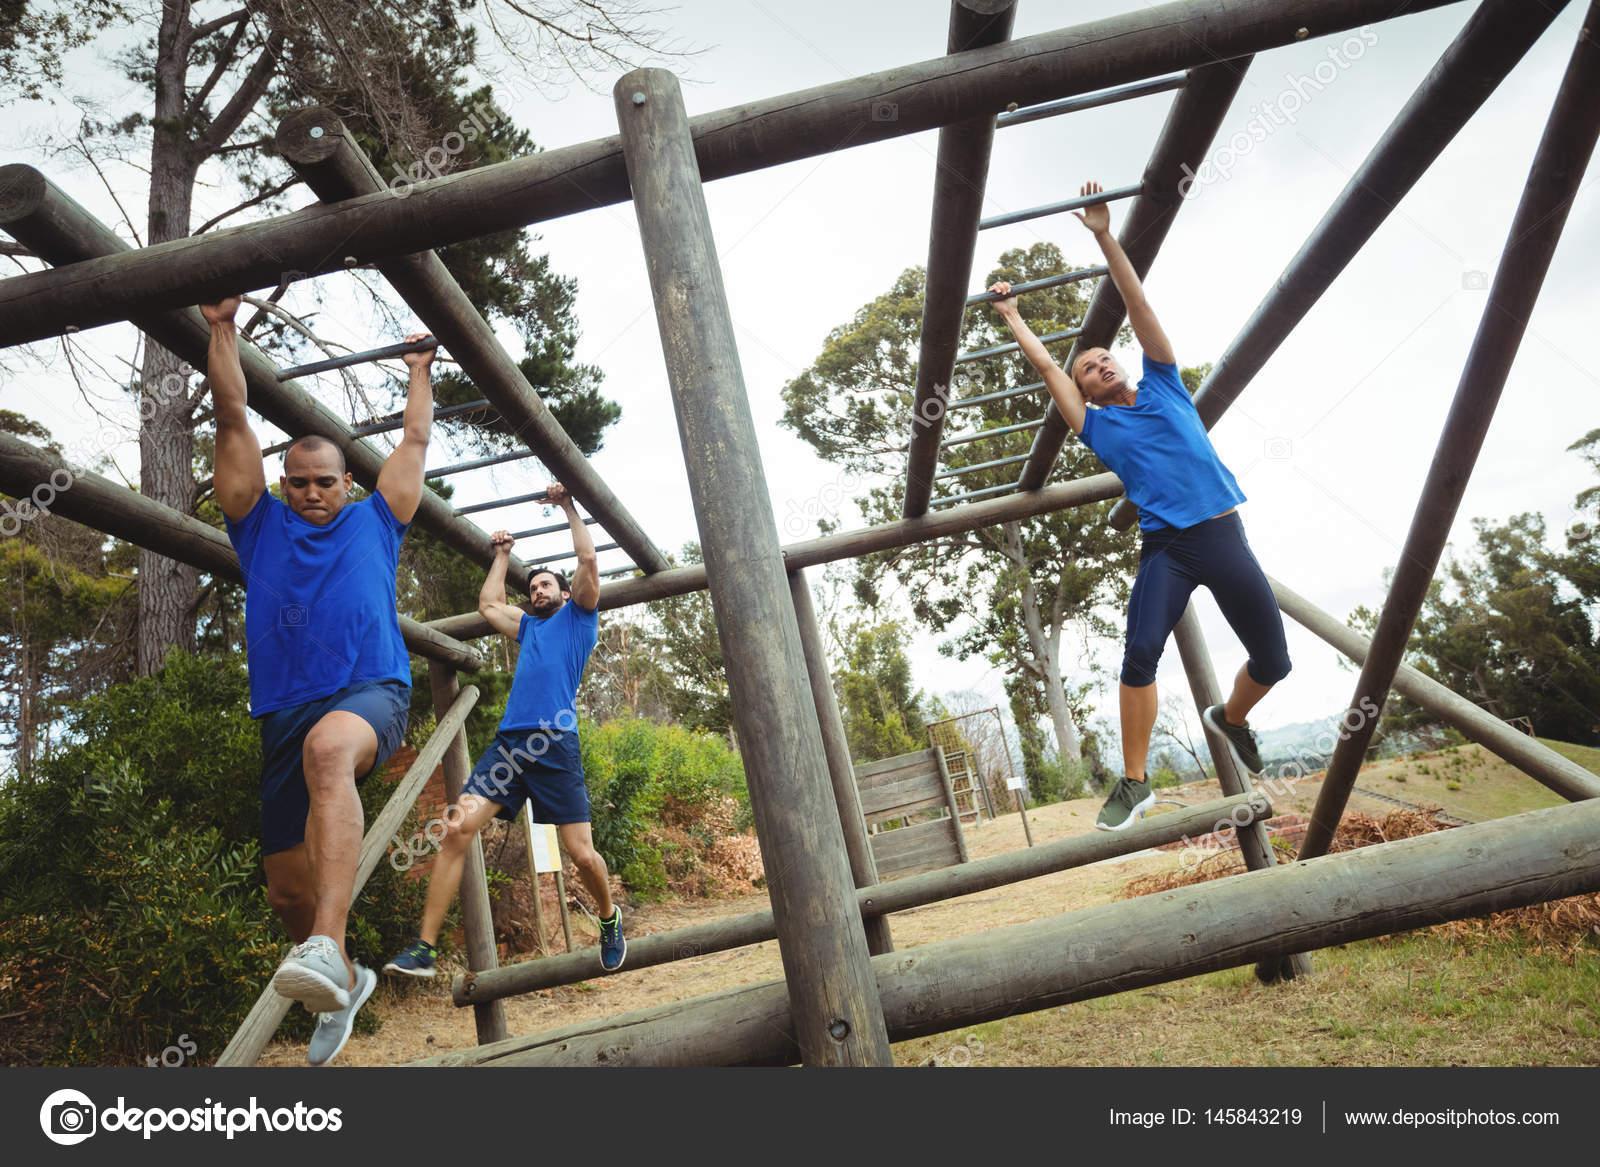 Klettergerüst Monkey Bar Gebraucht : Fit menschen klettern klettergerüst u stockfoto wavebreakmedia